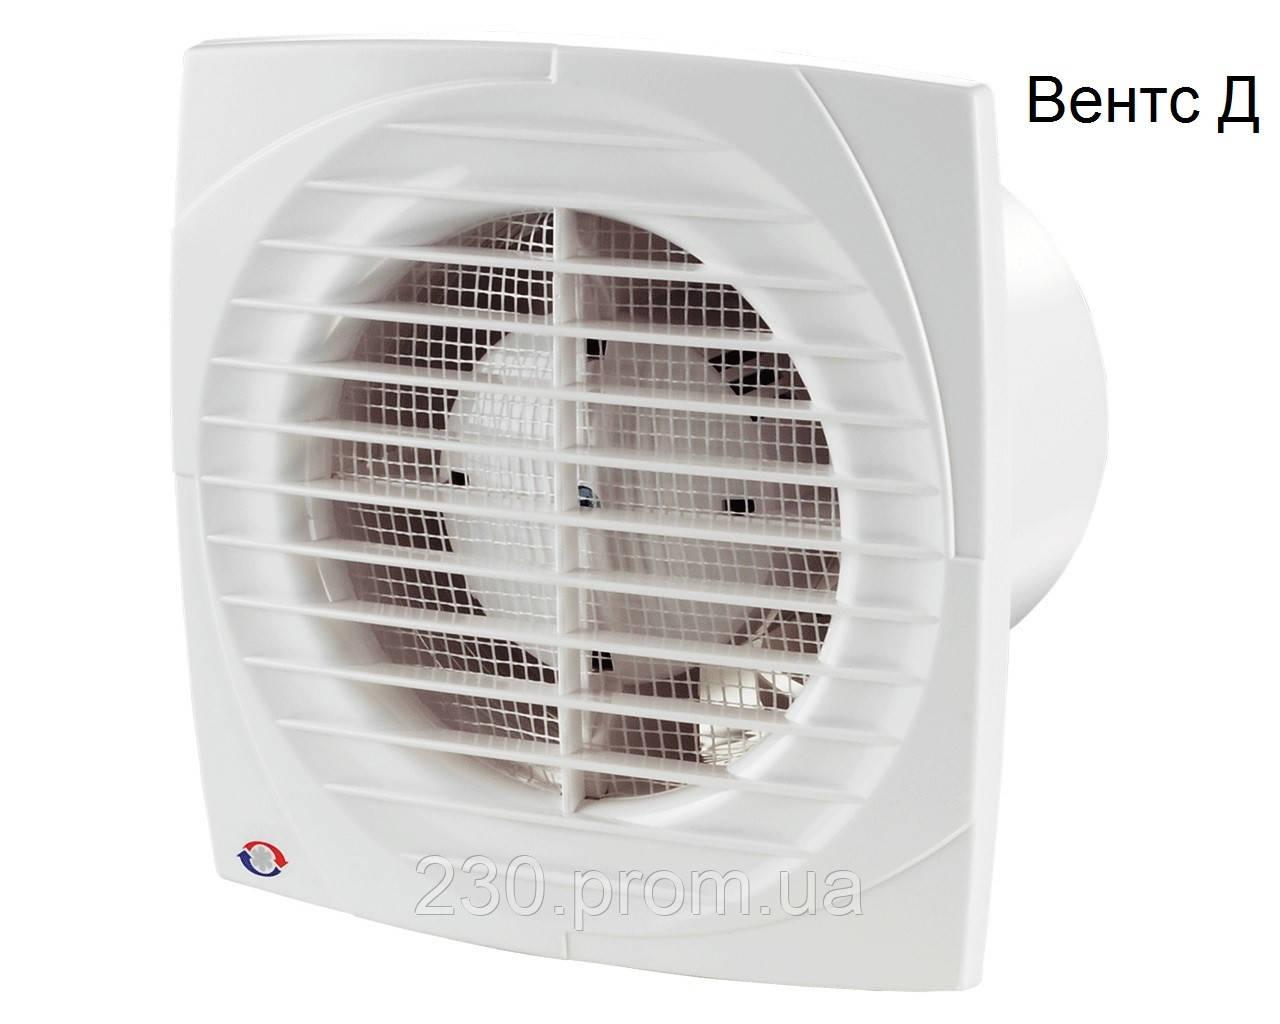 Вентилятор вентс 100 Д